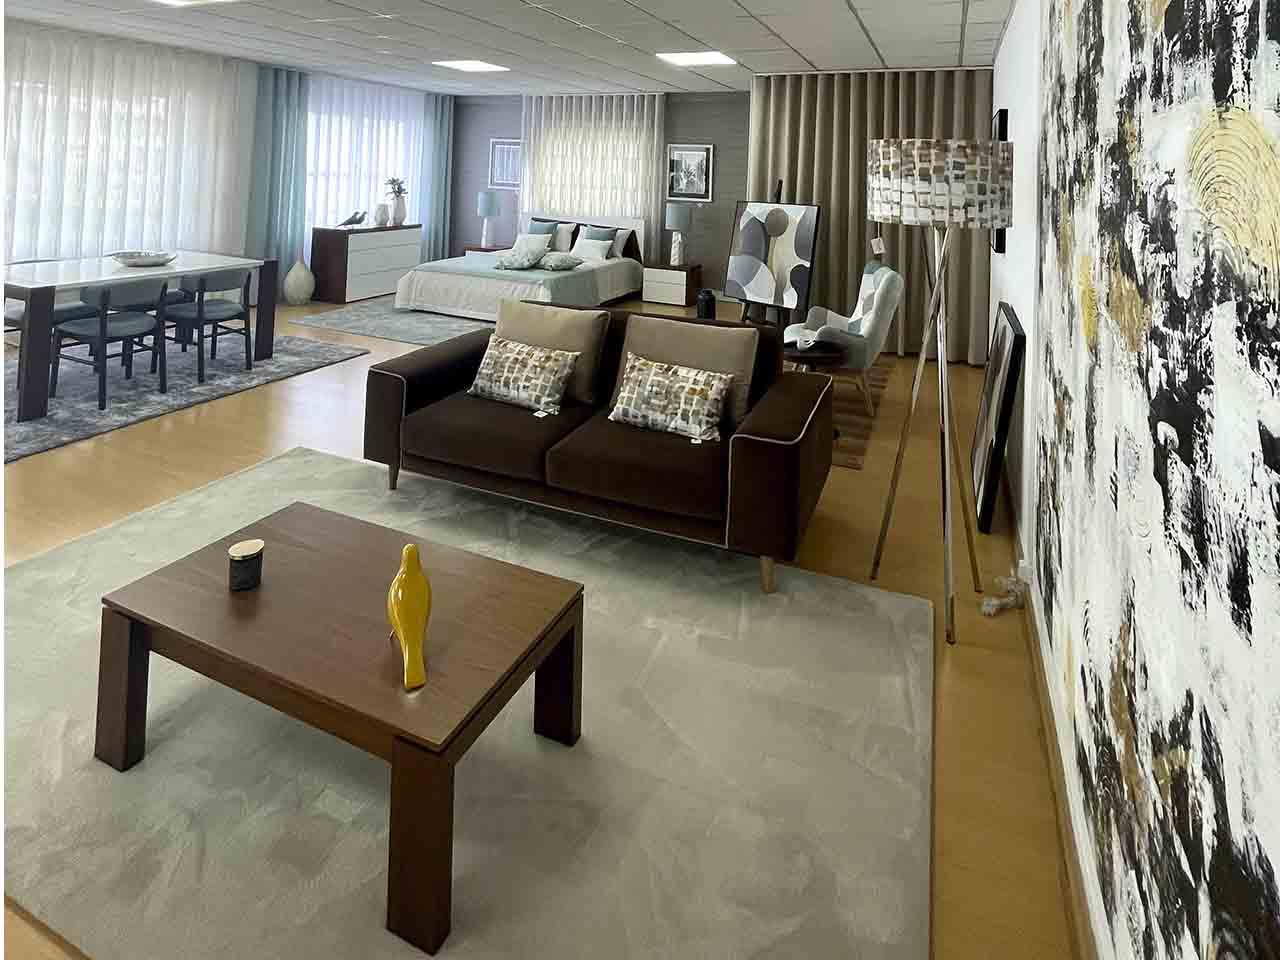 lisiarte-cortinados-camas-sofas-decoração-interiores-arquitetura-caldasdarainha-oeste-sãomartinho-bomsucesso-lisboa-praiadelrey